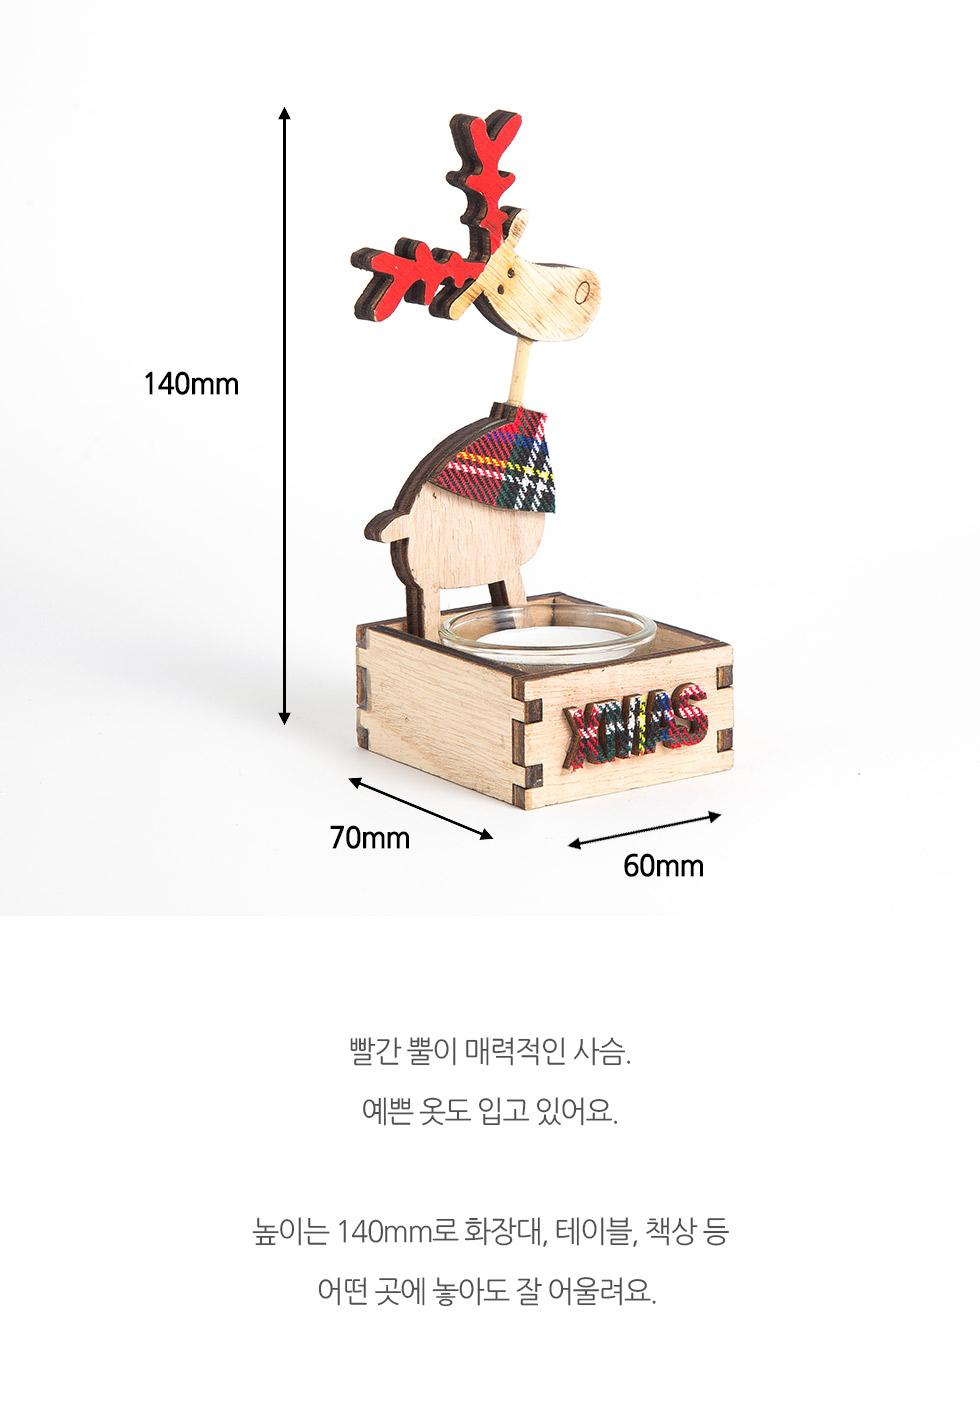 메리크리스마스 우드 캔들홀더 A.사슴 - 크기 140mm